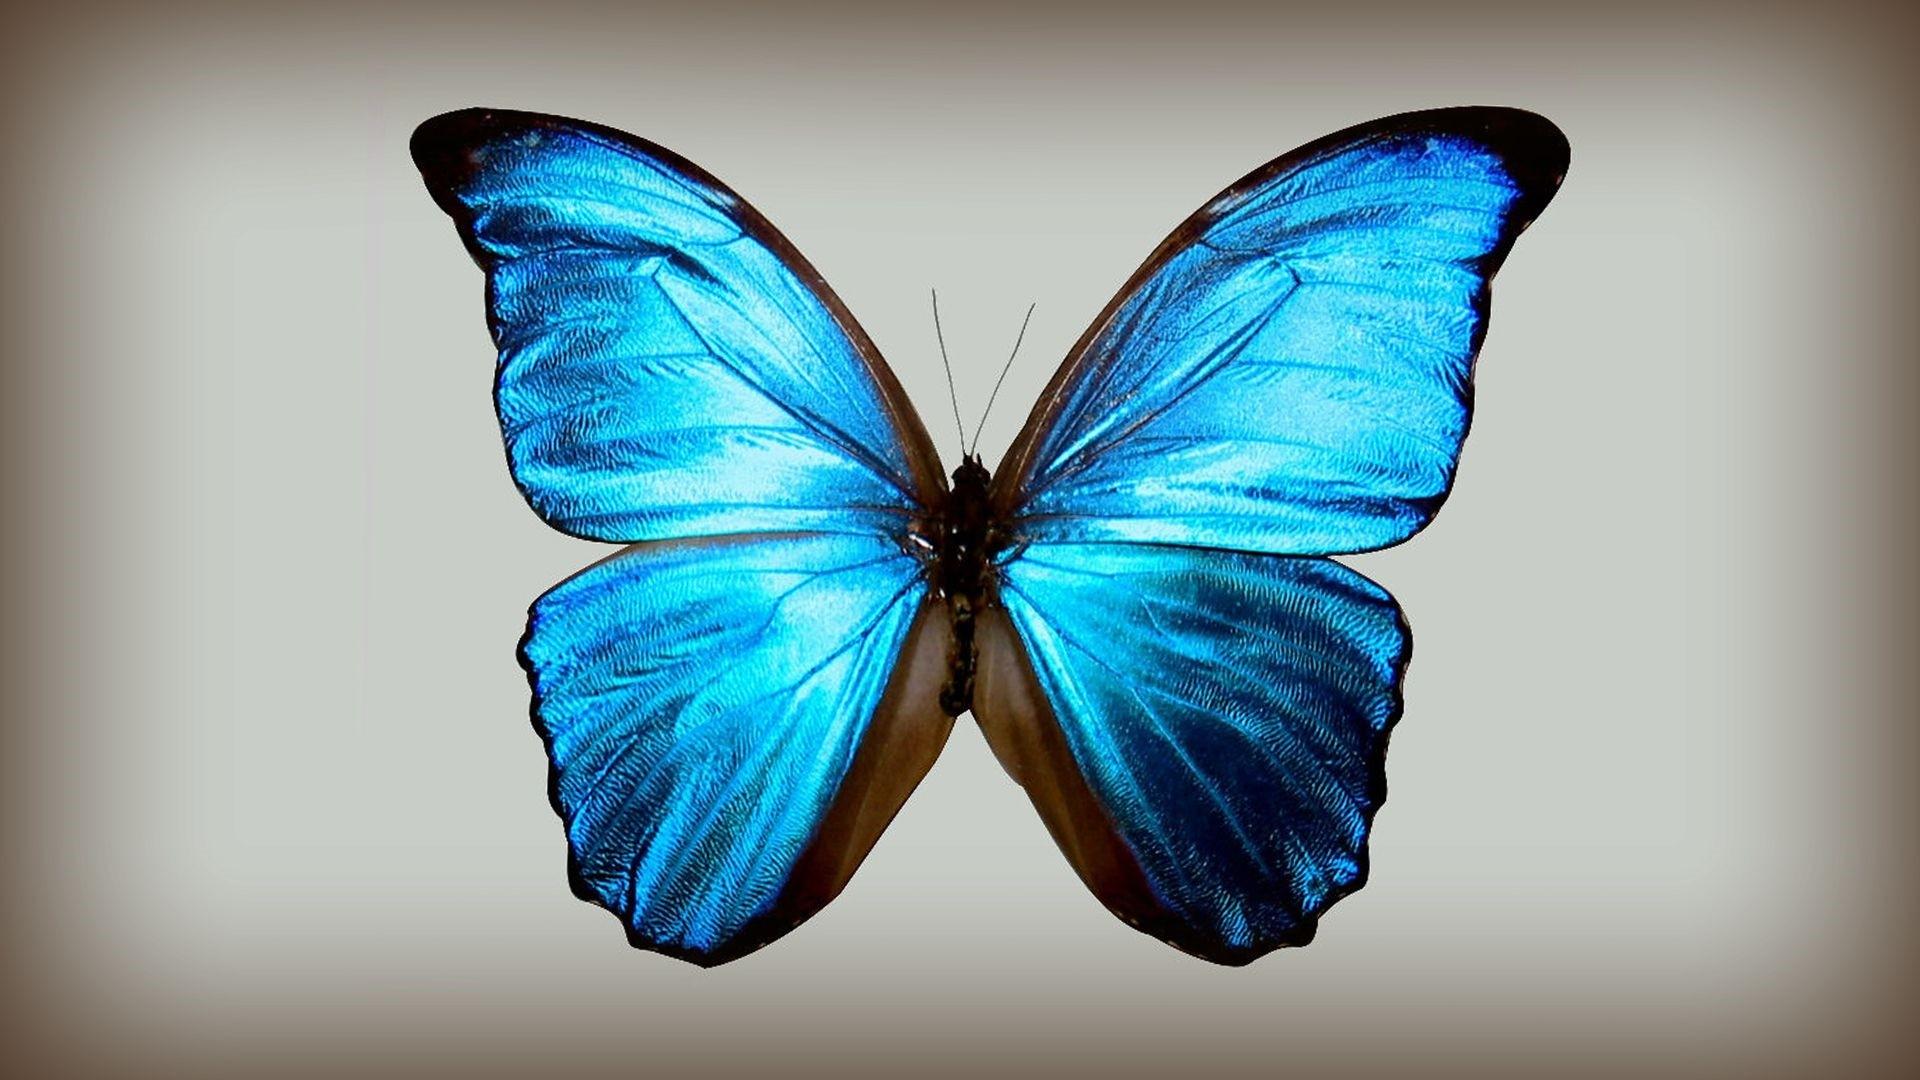 Blue Butterfly PC Wallpaper HD